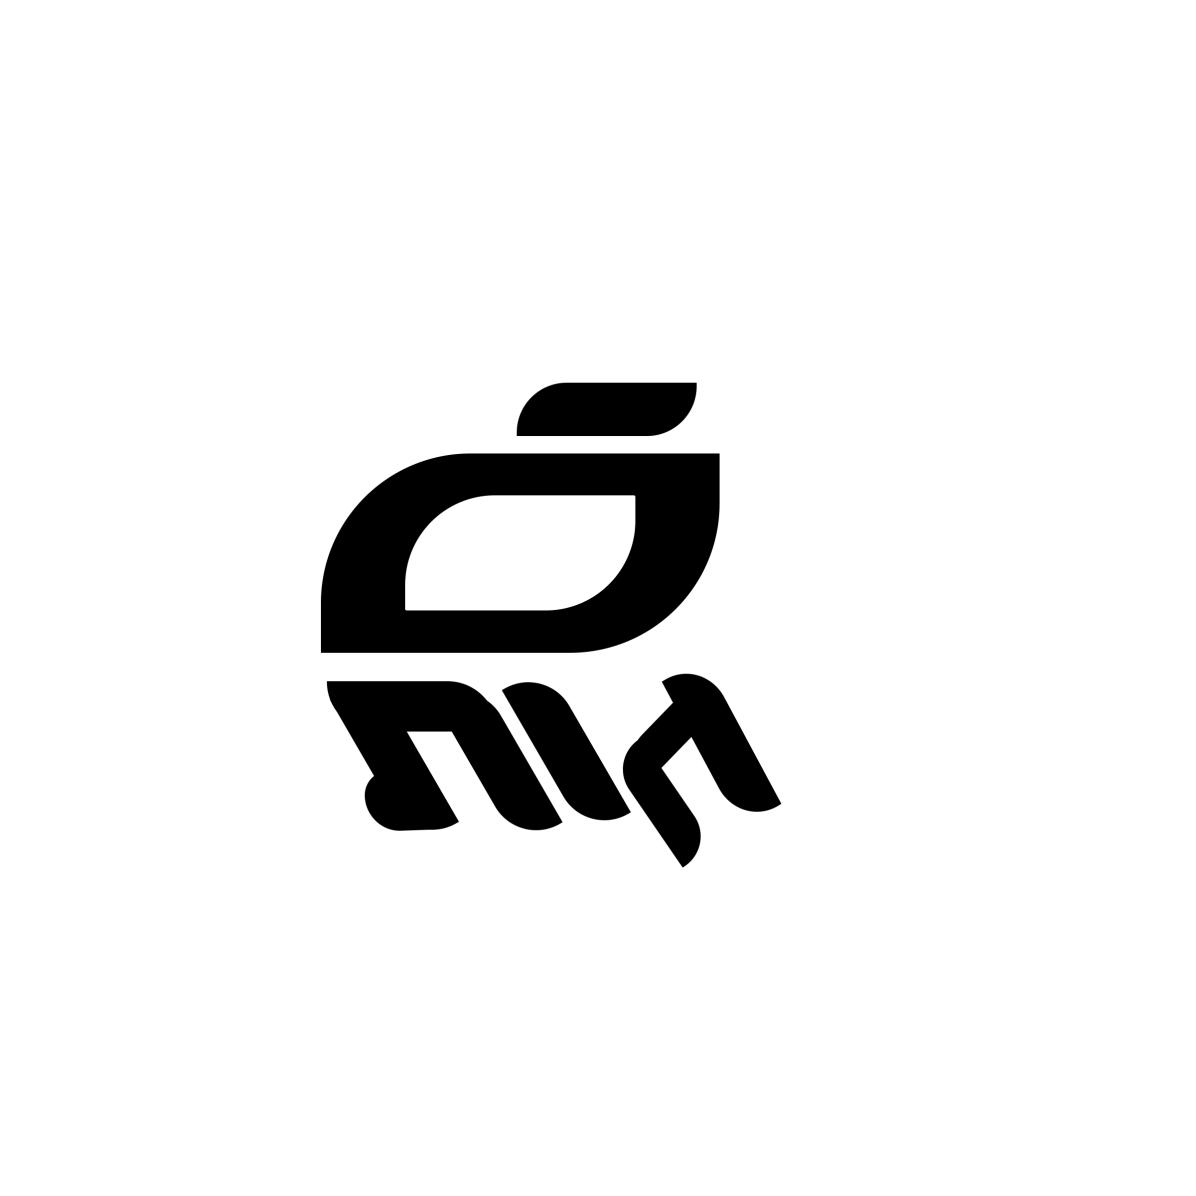 gatilab logo dark